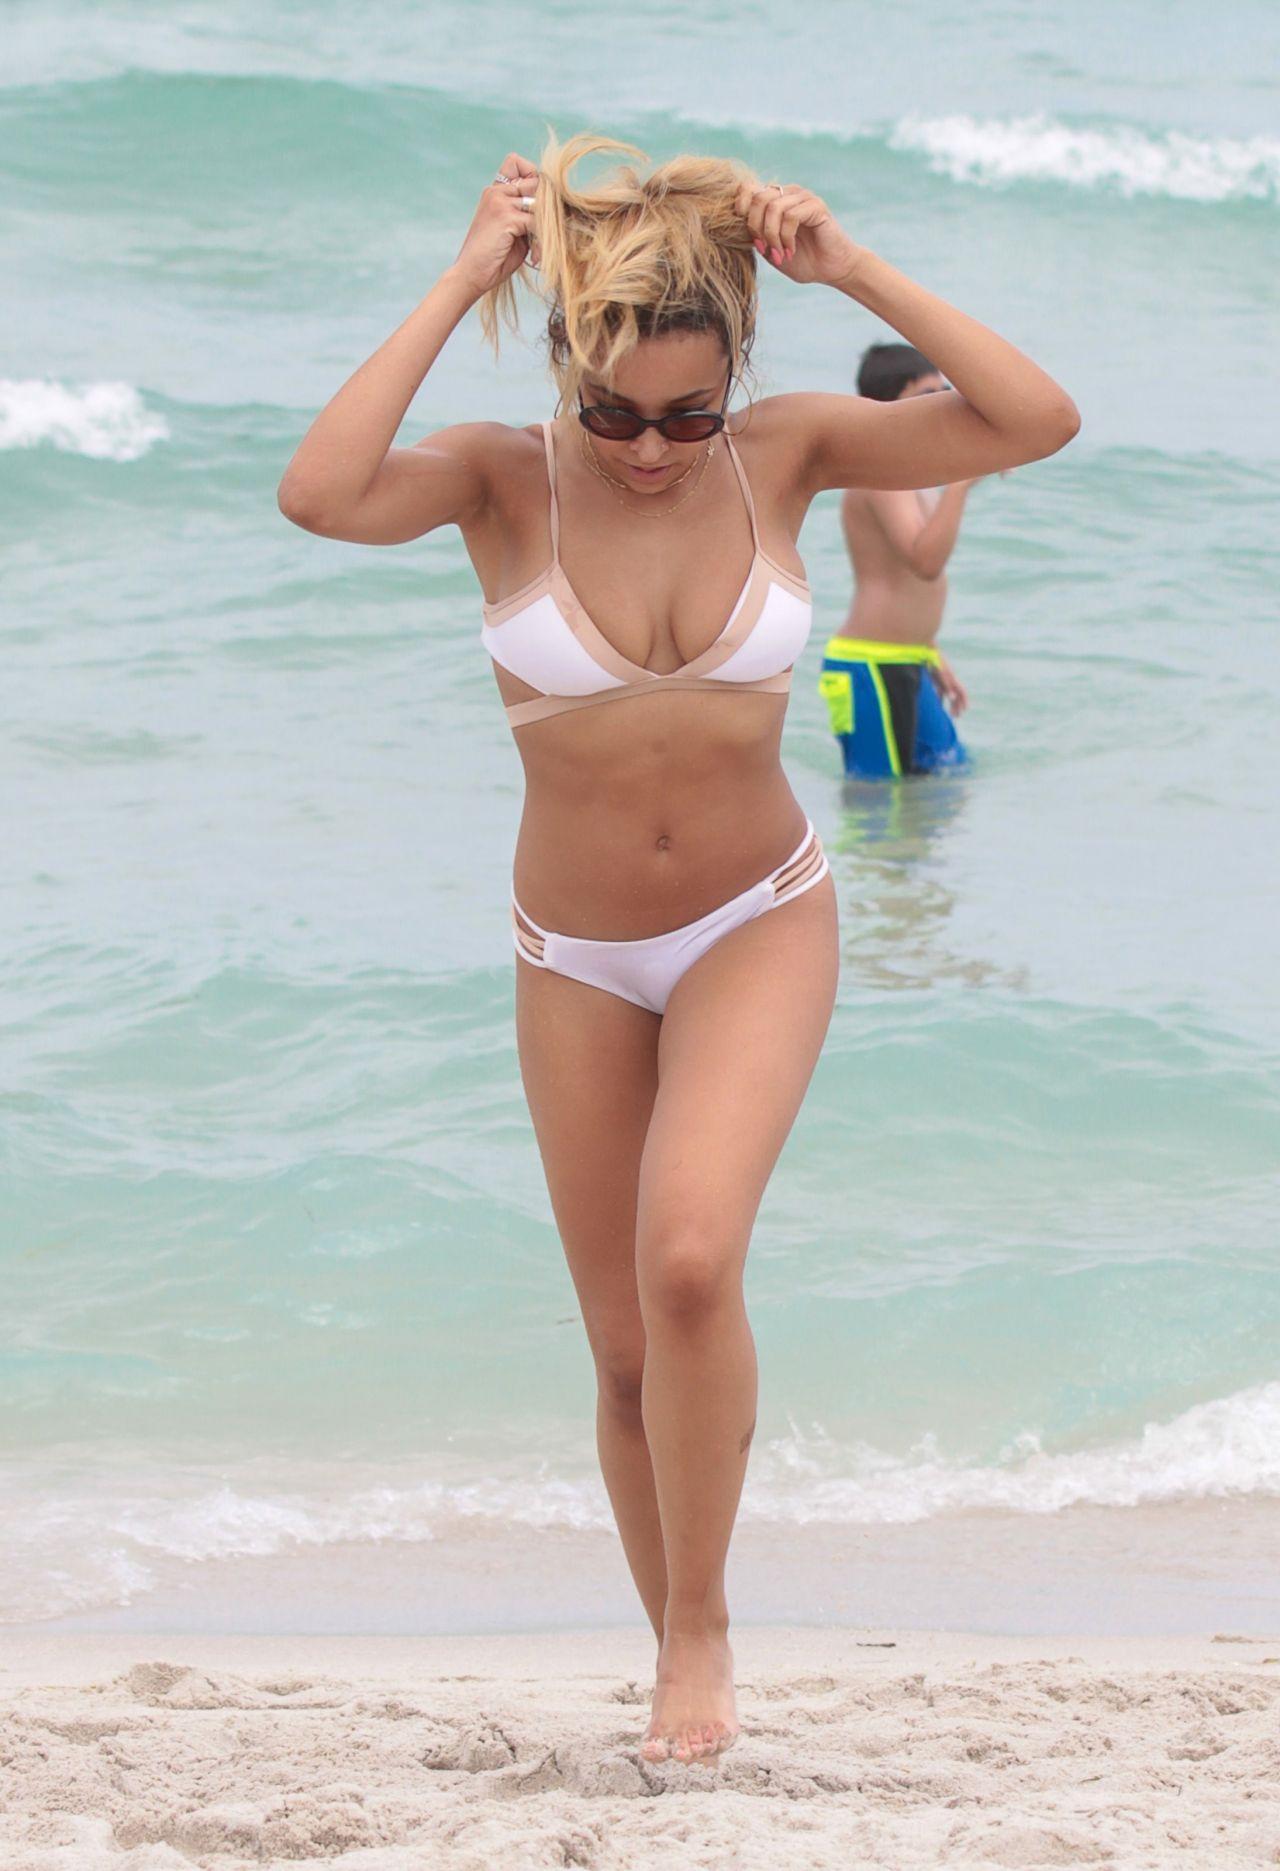 Tinashe miami in white bikini miami beach - 2019 year